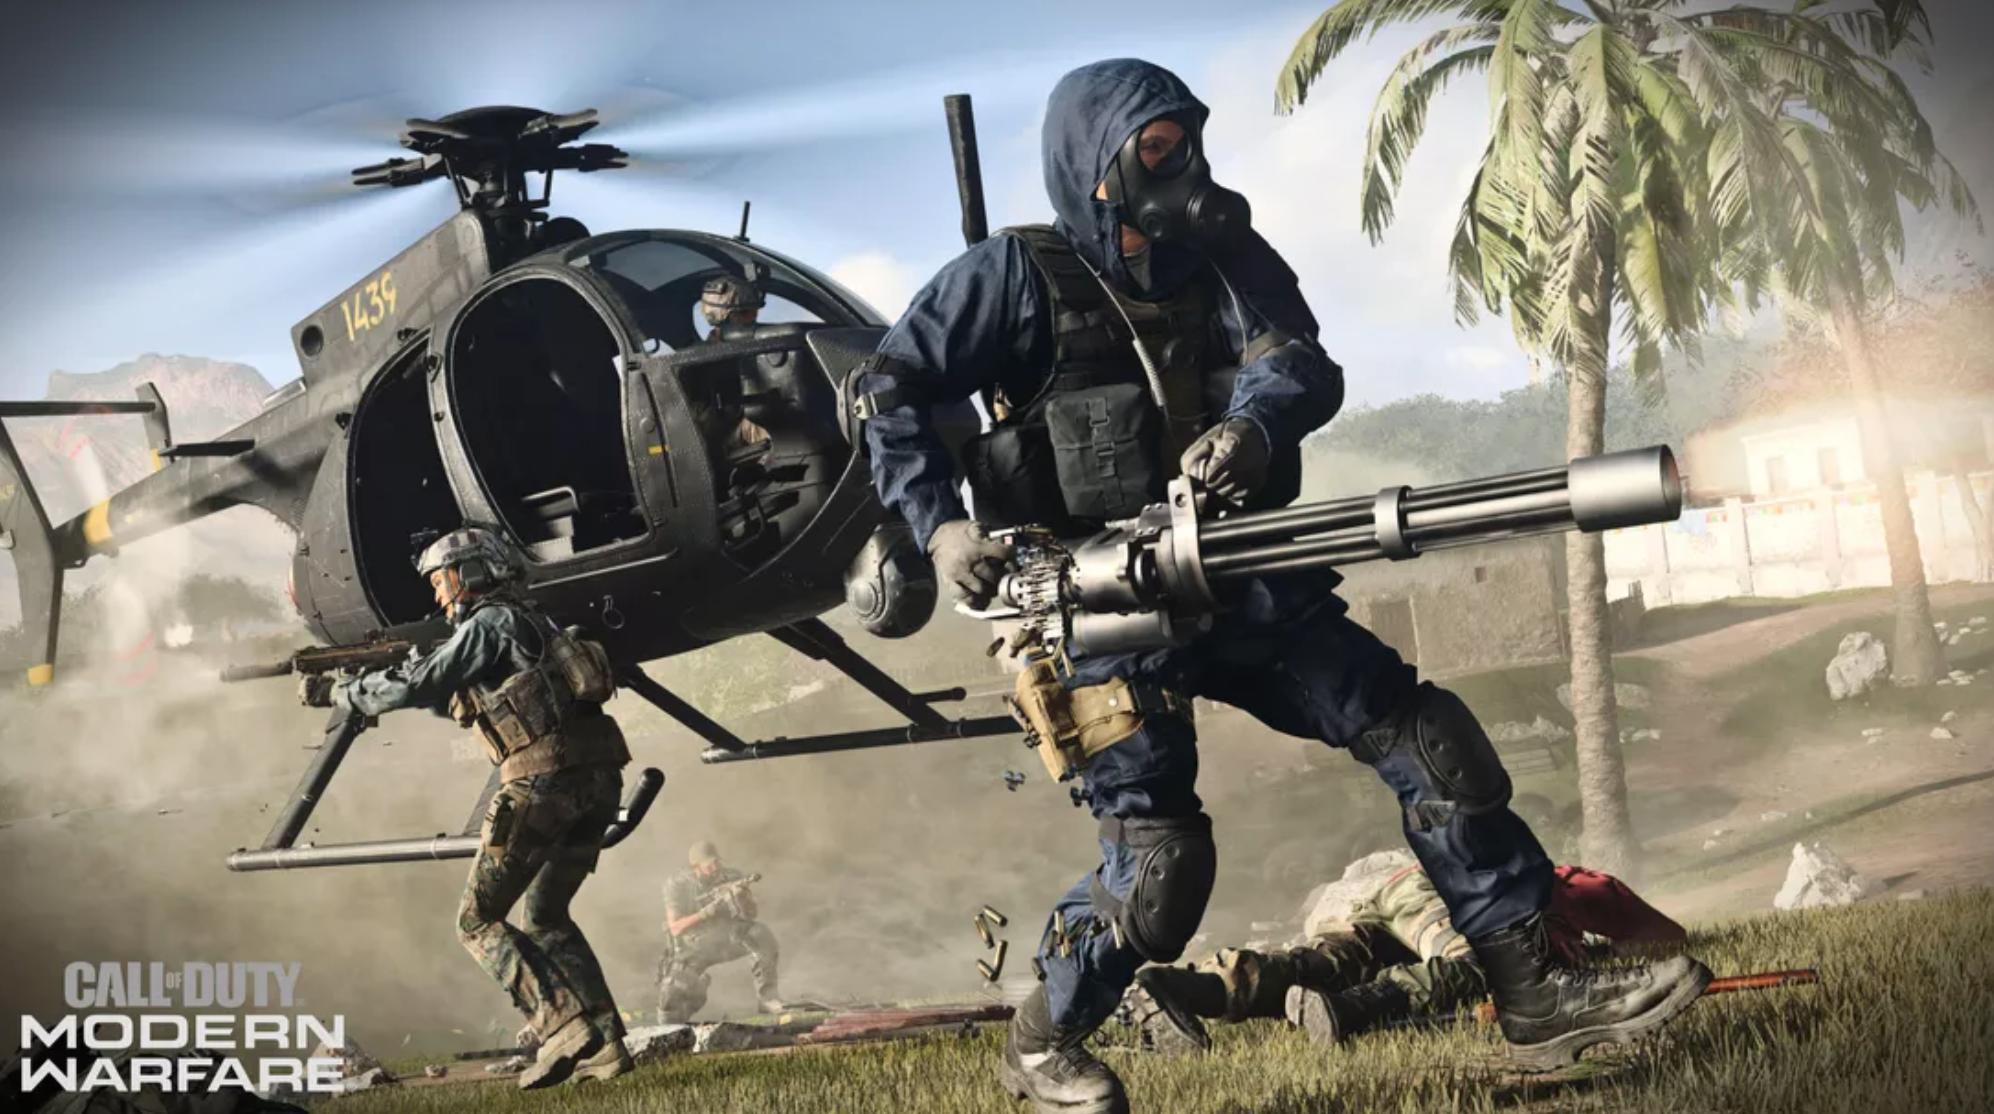 Defending a Chopper in Modern Warfare.